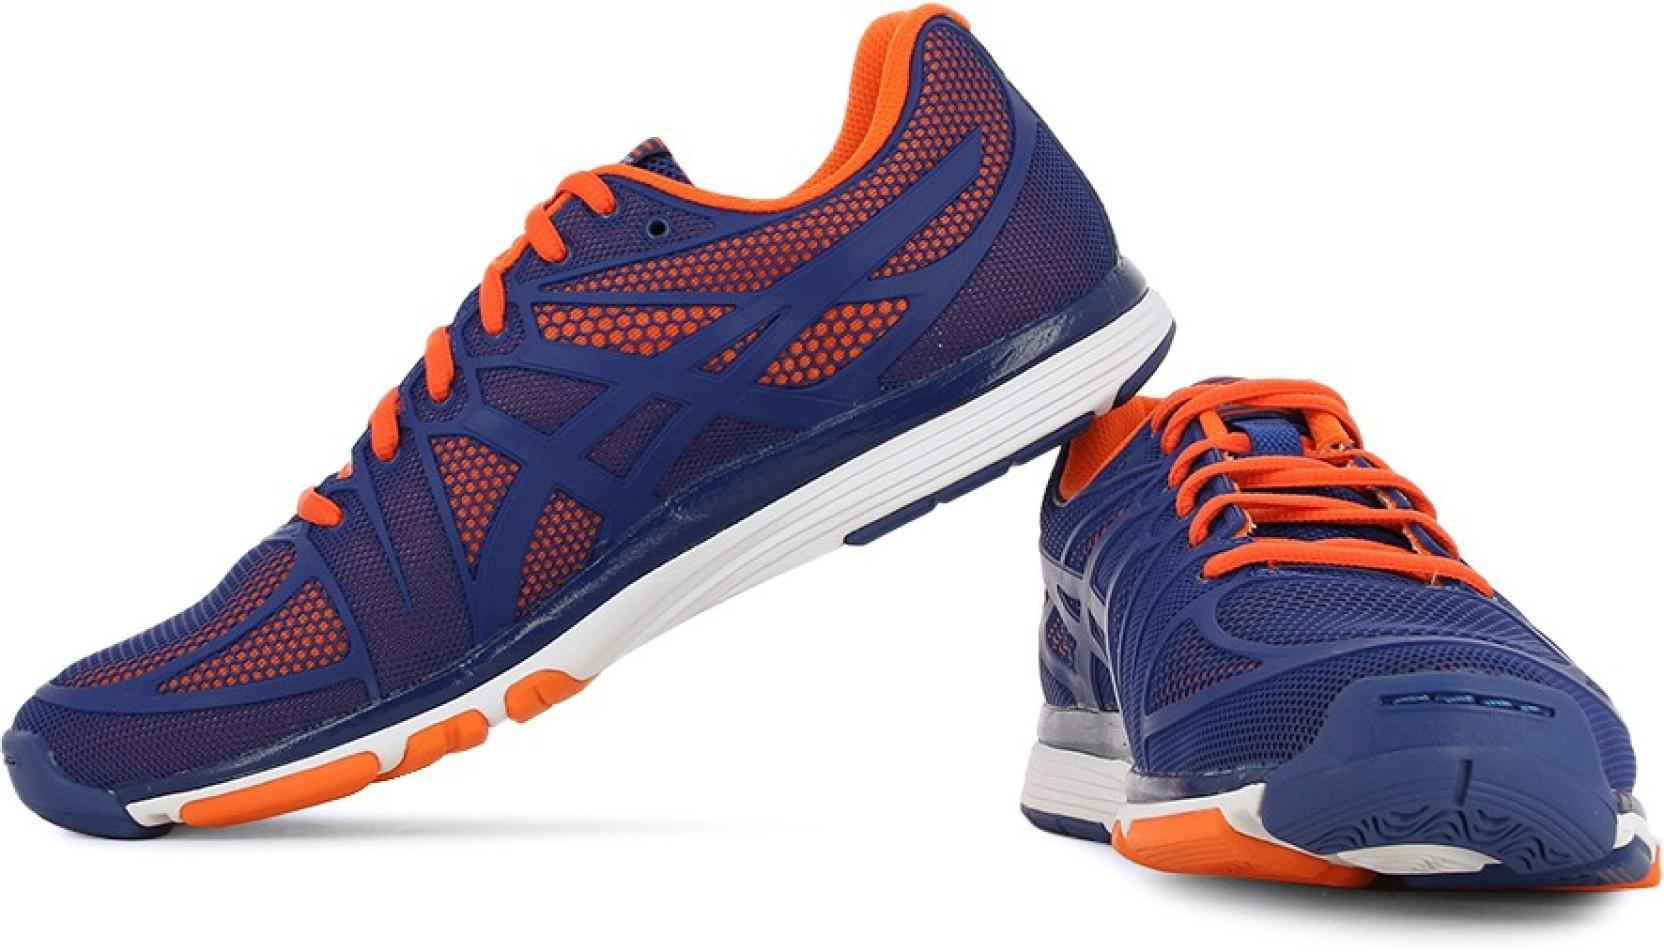 népszerű üzletek eladó jól néz ki Asics Gel-Exert Tr Men Training & Gym Shoes For Men - Buy Blu Orn ...